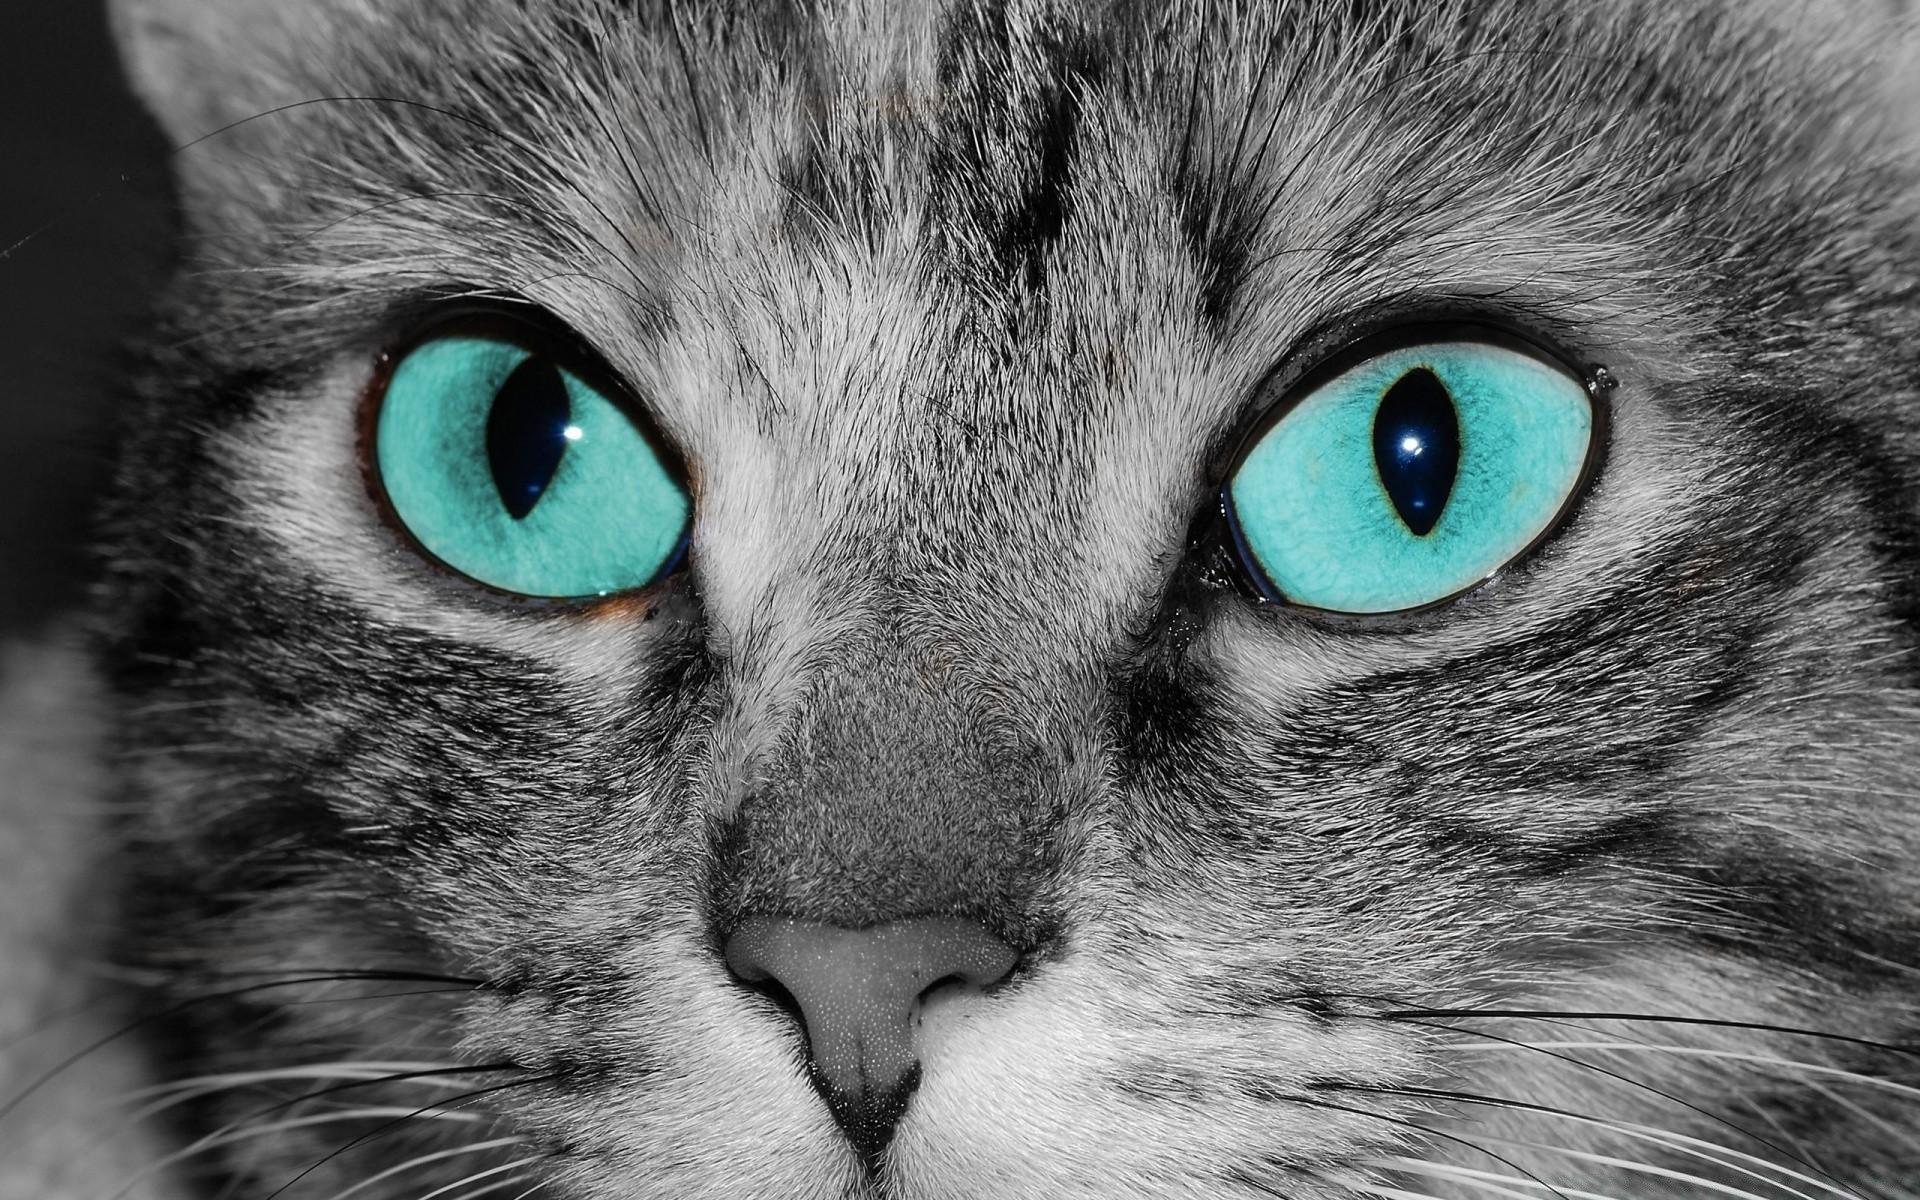 Красивые кошачьи глаза картинки